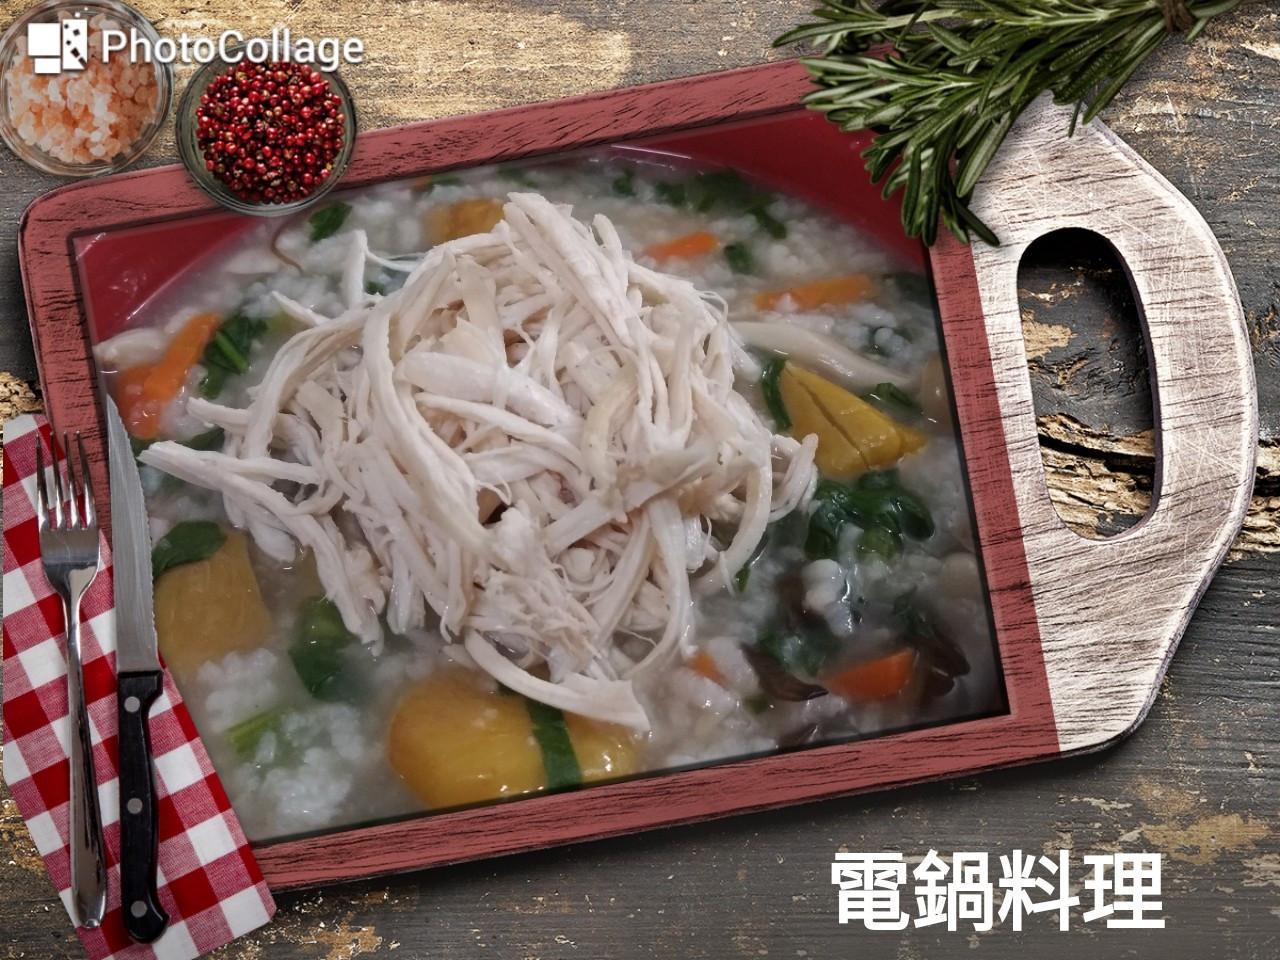 栗子雞絲蔬菜粥